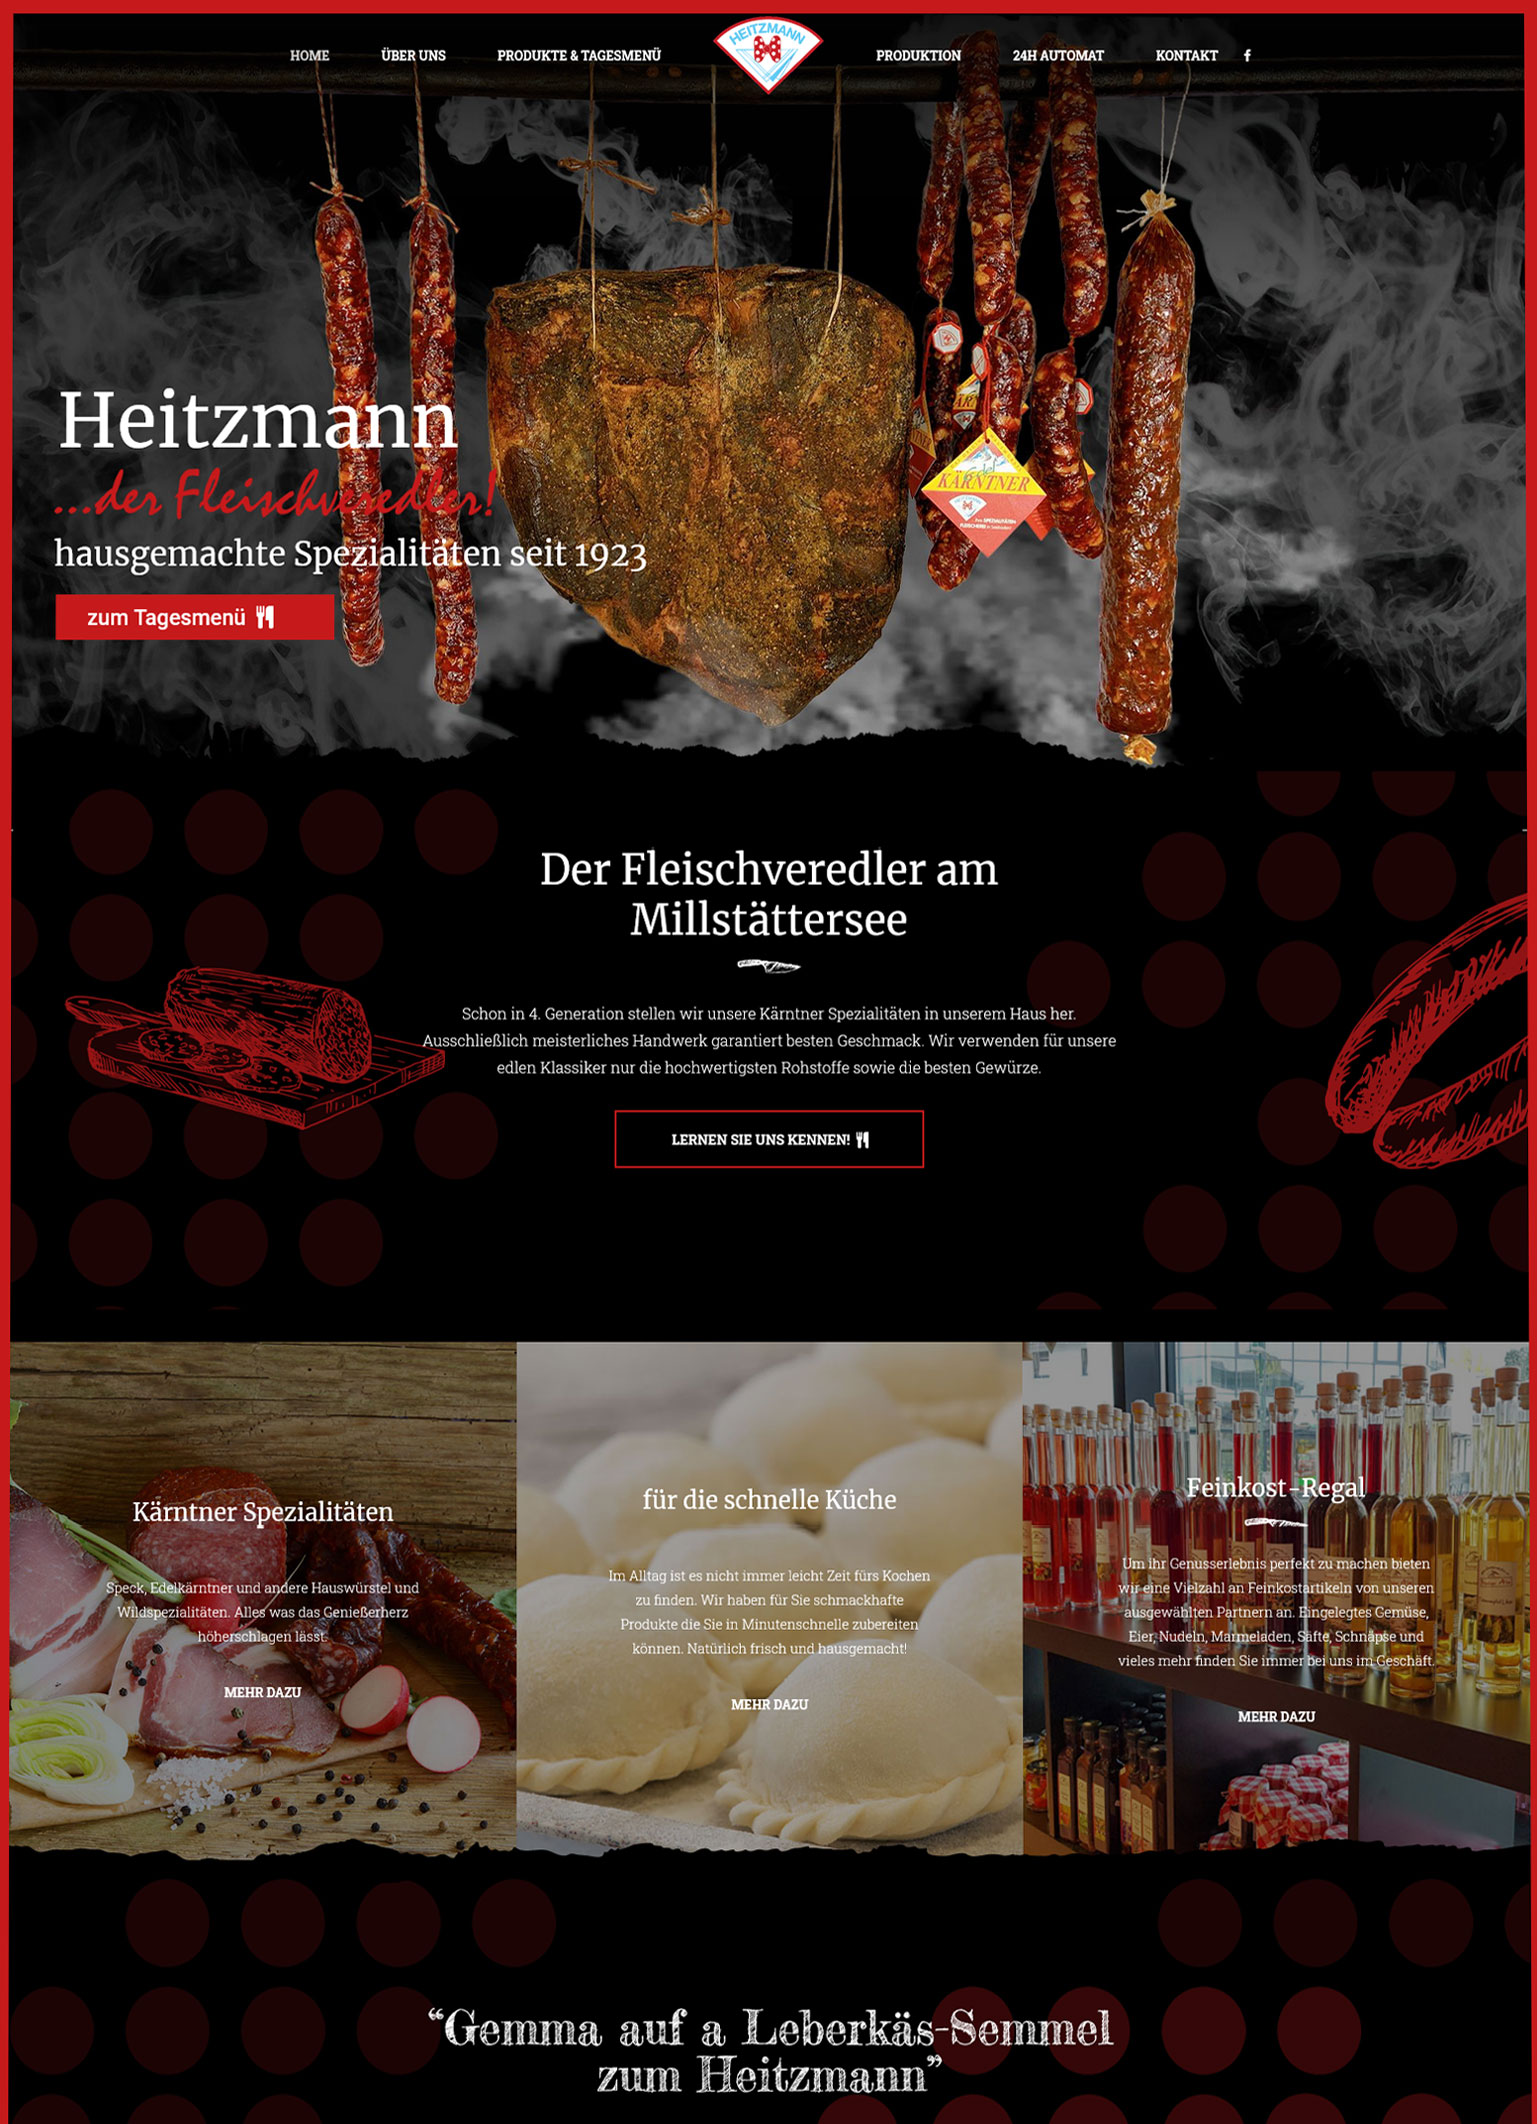 Heitzmann – der Fleischveredler